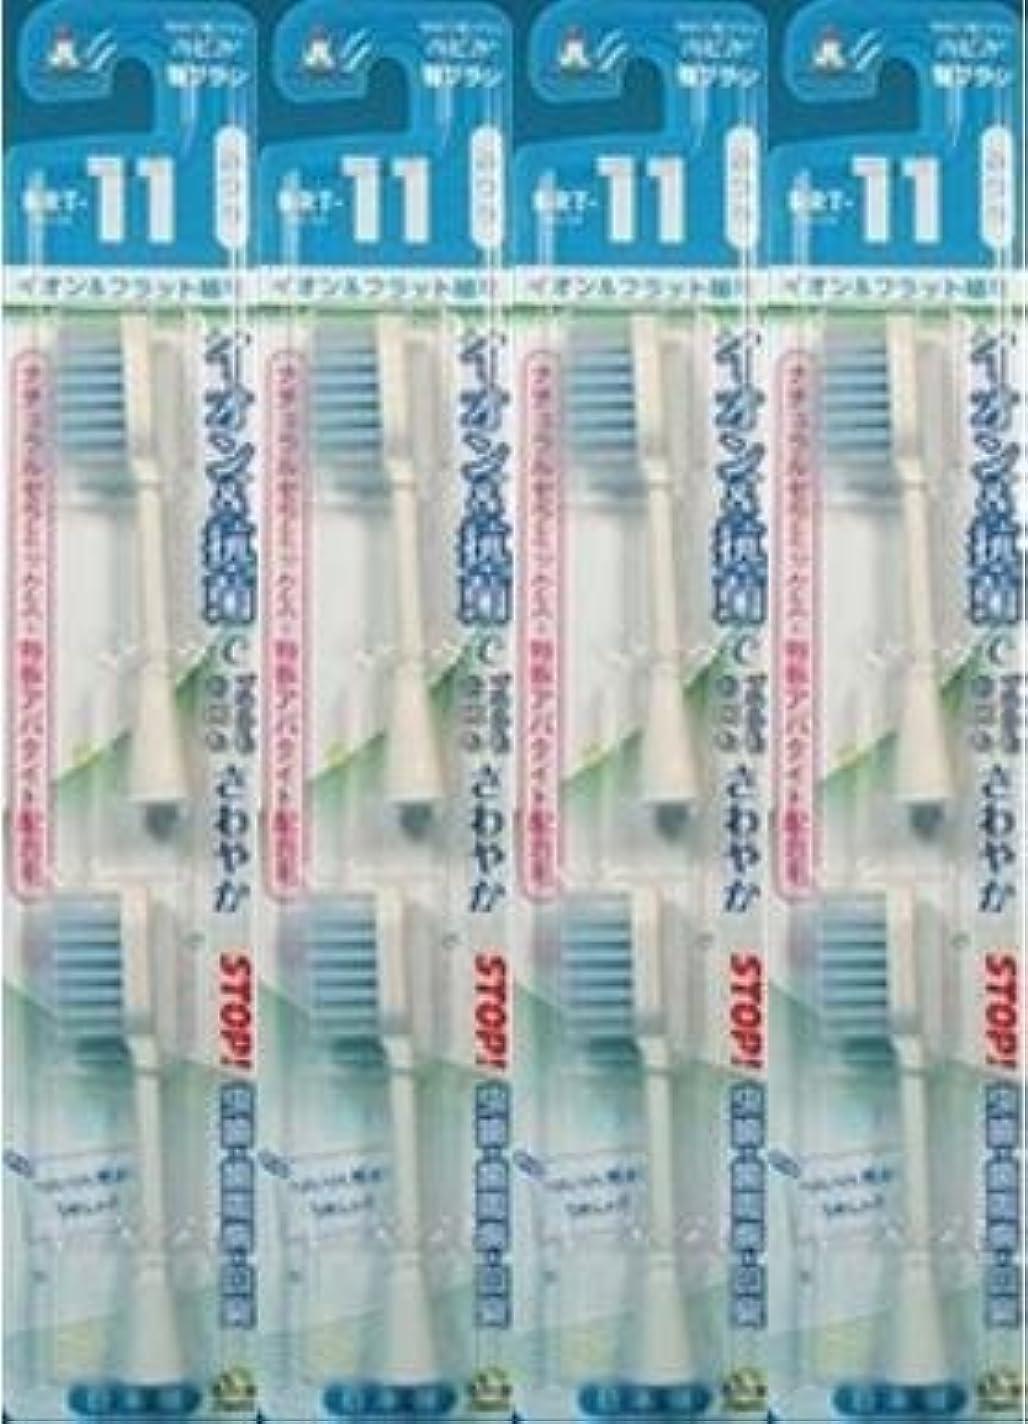 従順な重々しいウィンク電動歯ブラシ ハピカ専用替ブラシふつう フラット マイナスイオン2本入(BRT-11)×4個セット